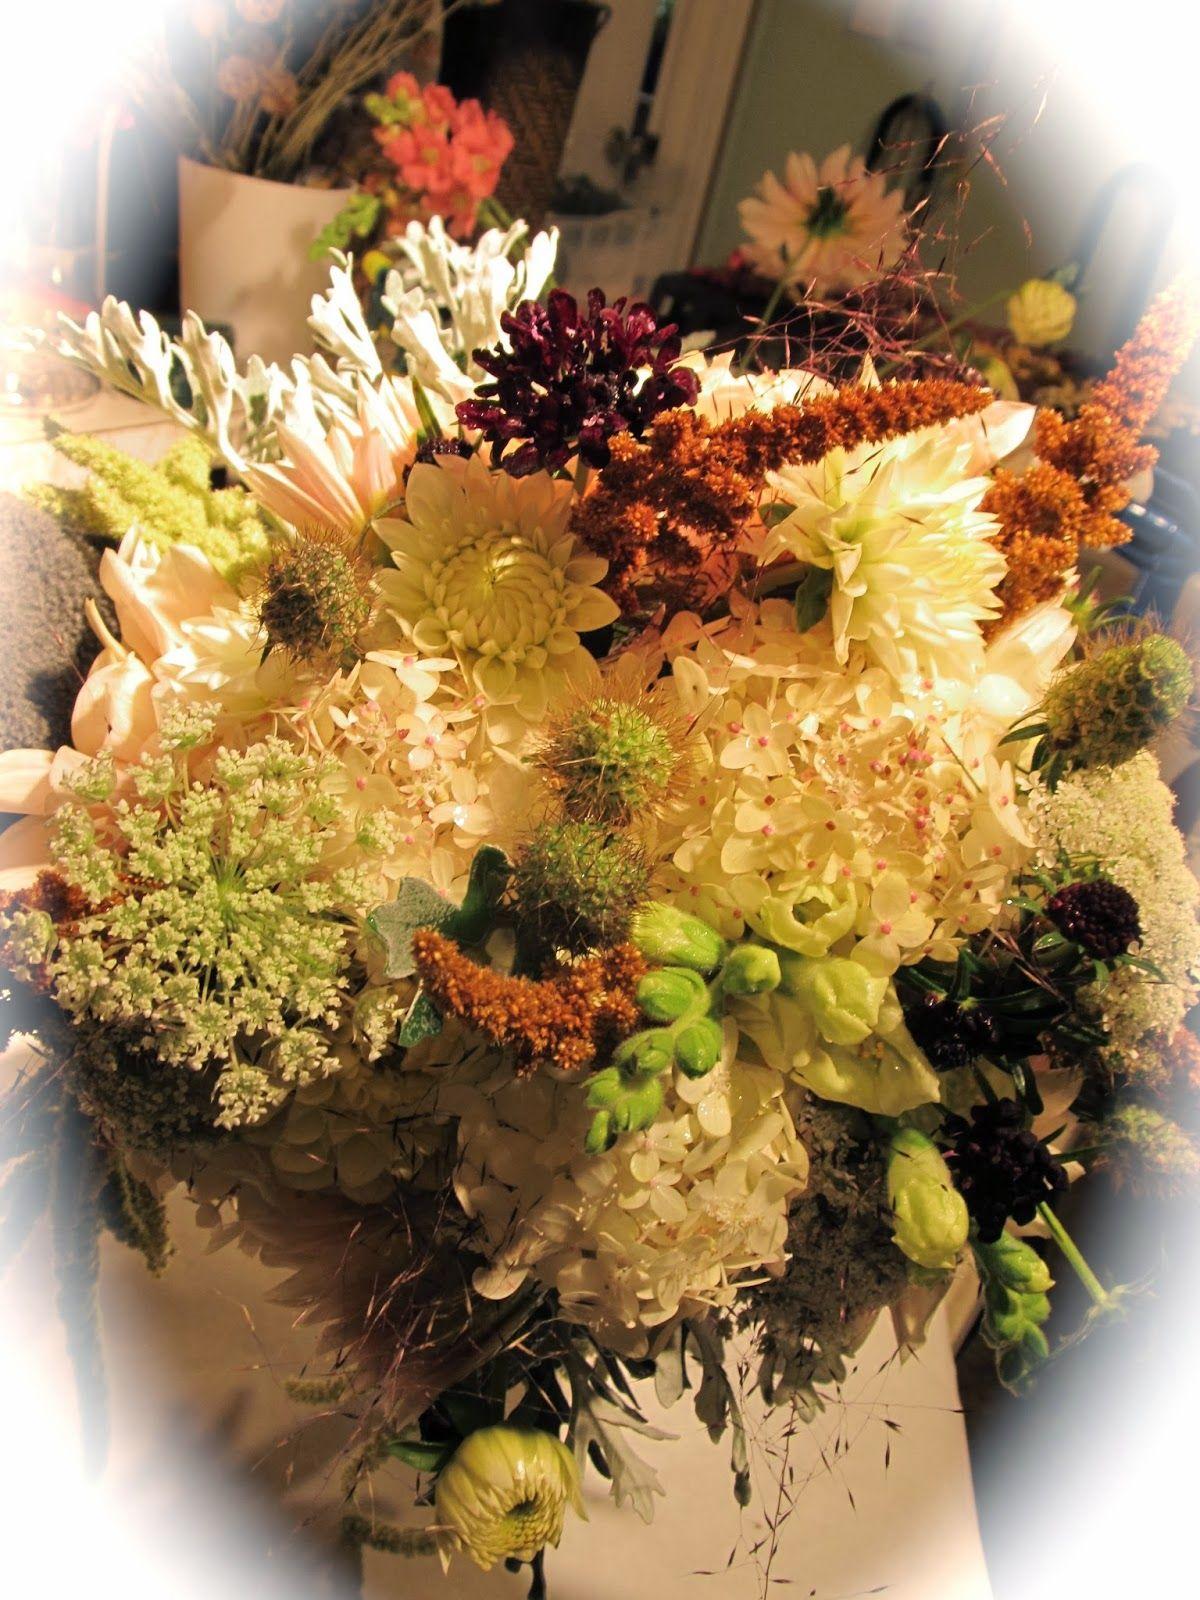 in season flowers for october wedding | October+flowers+in+season+ ...